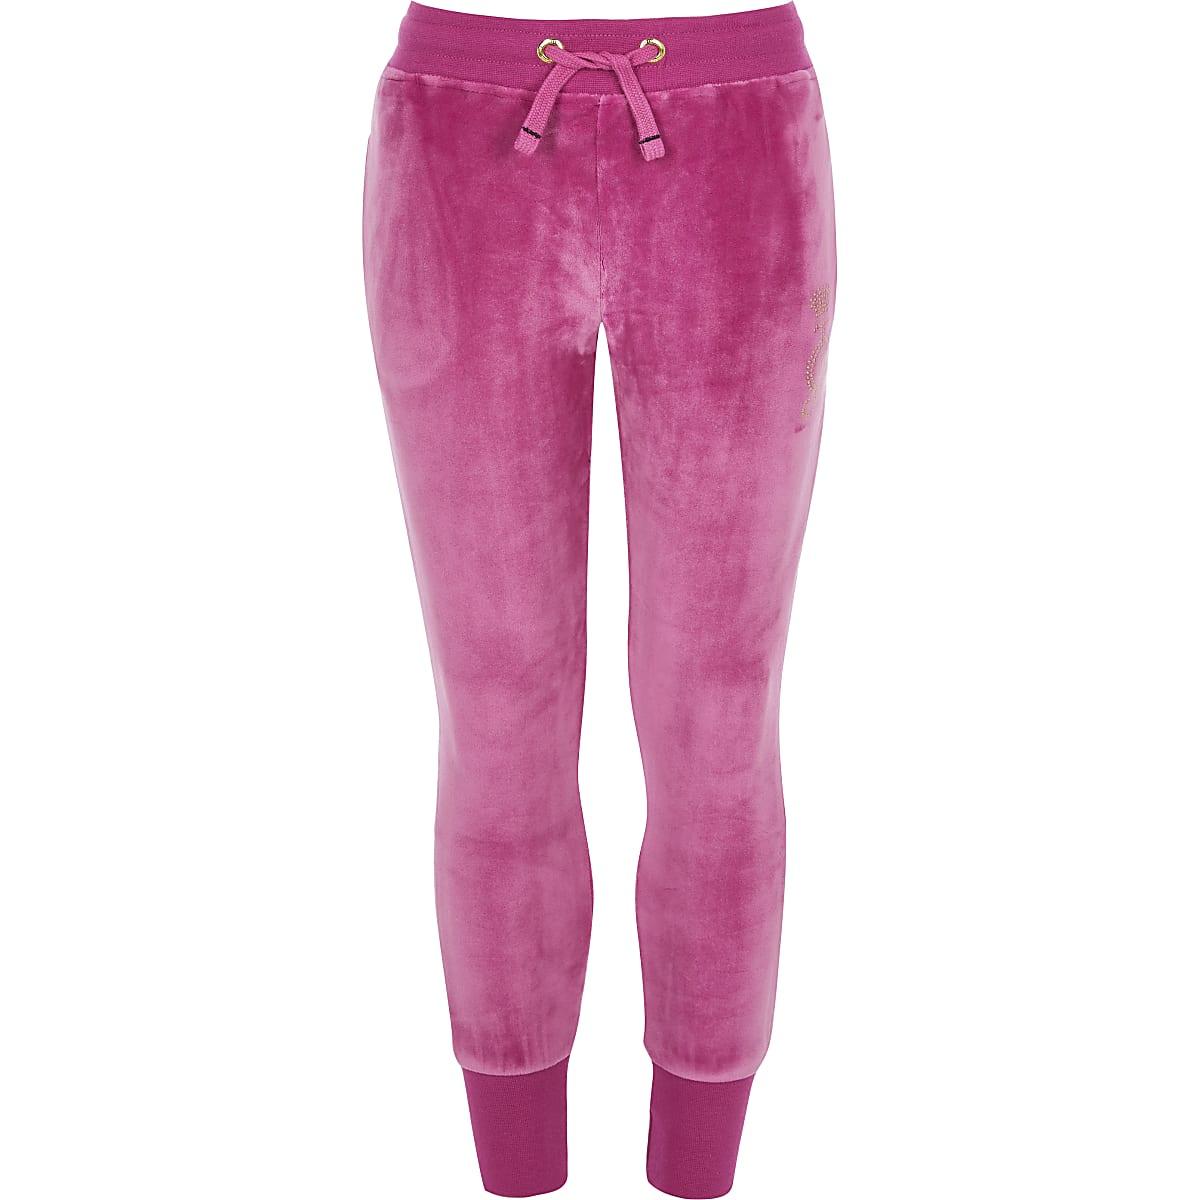 Juicy Couture - Roze velours joggingbroek voor meisjes